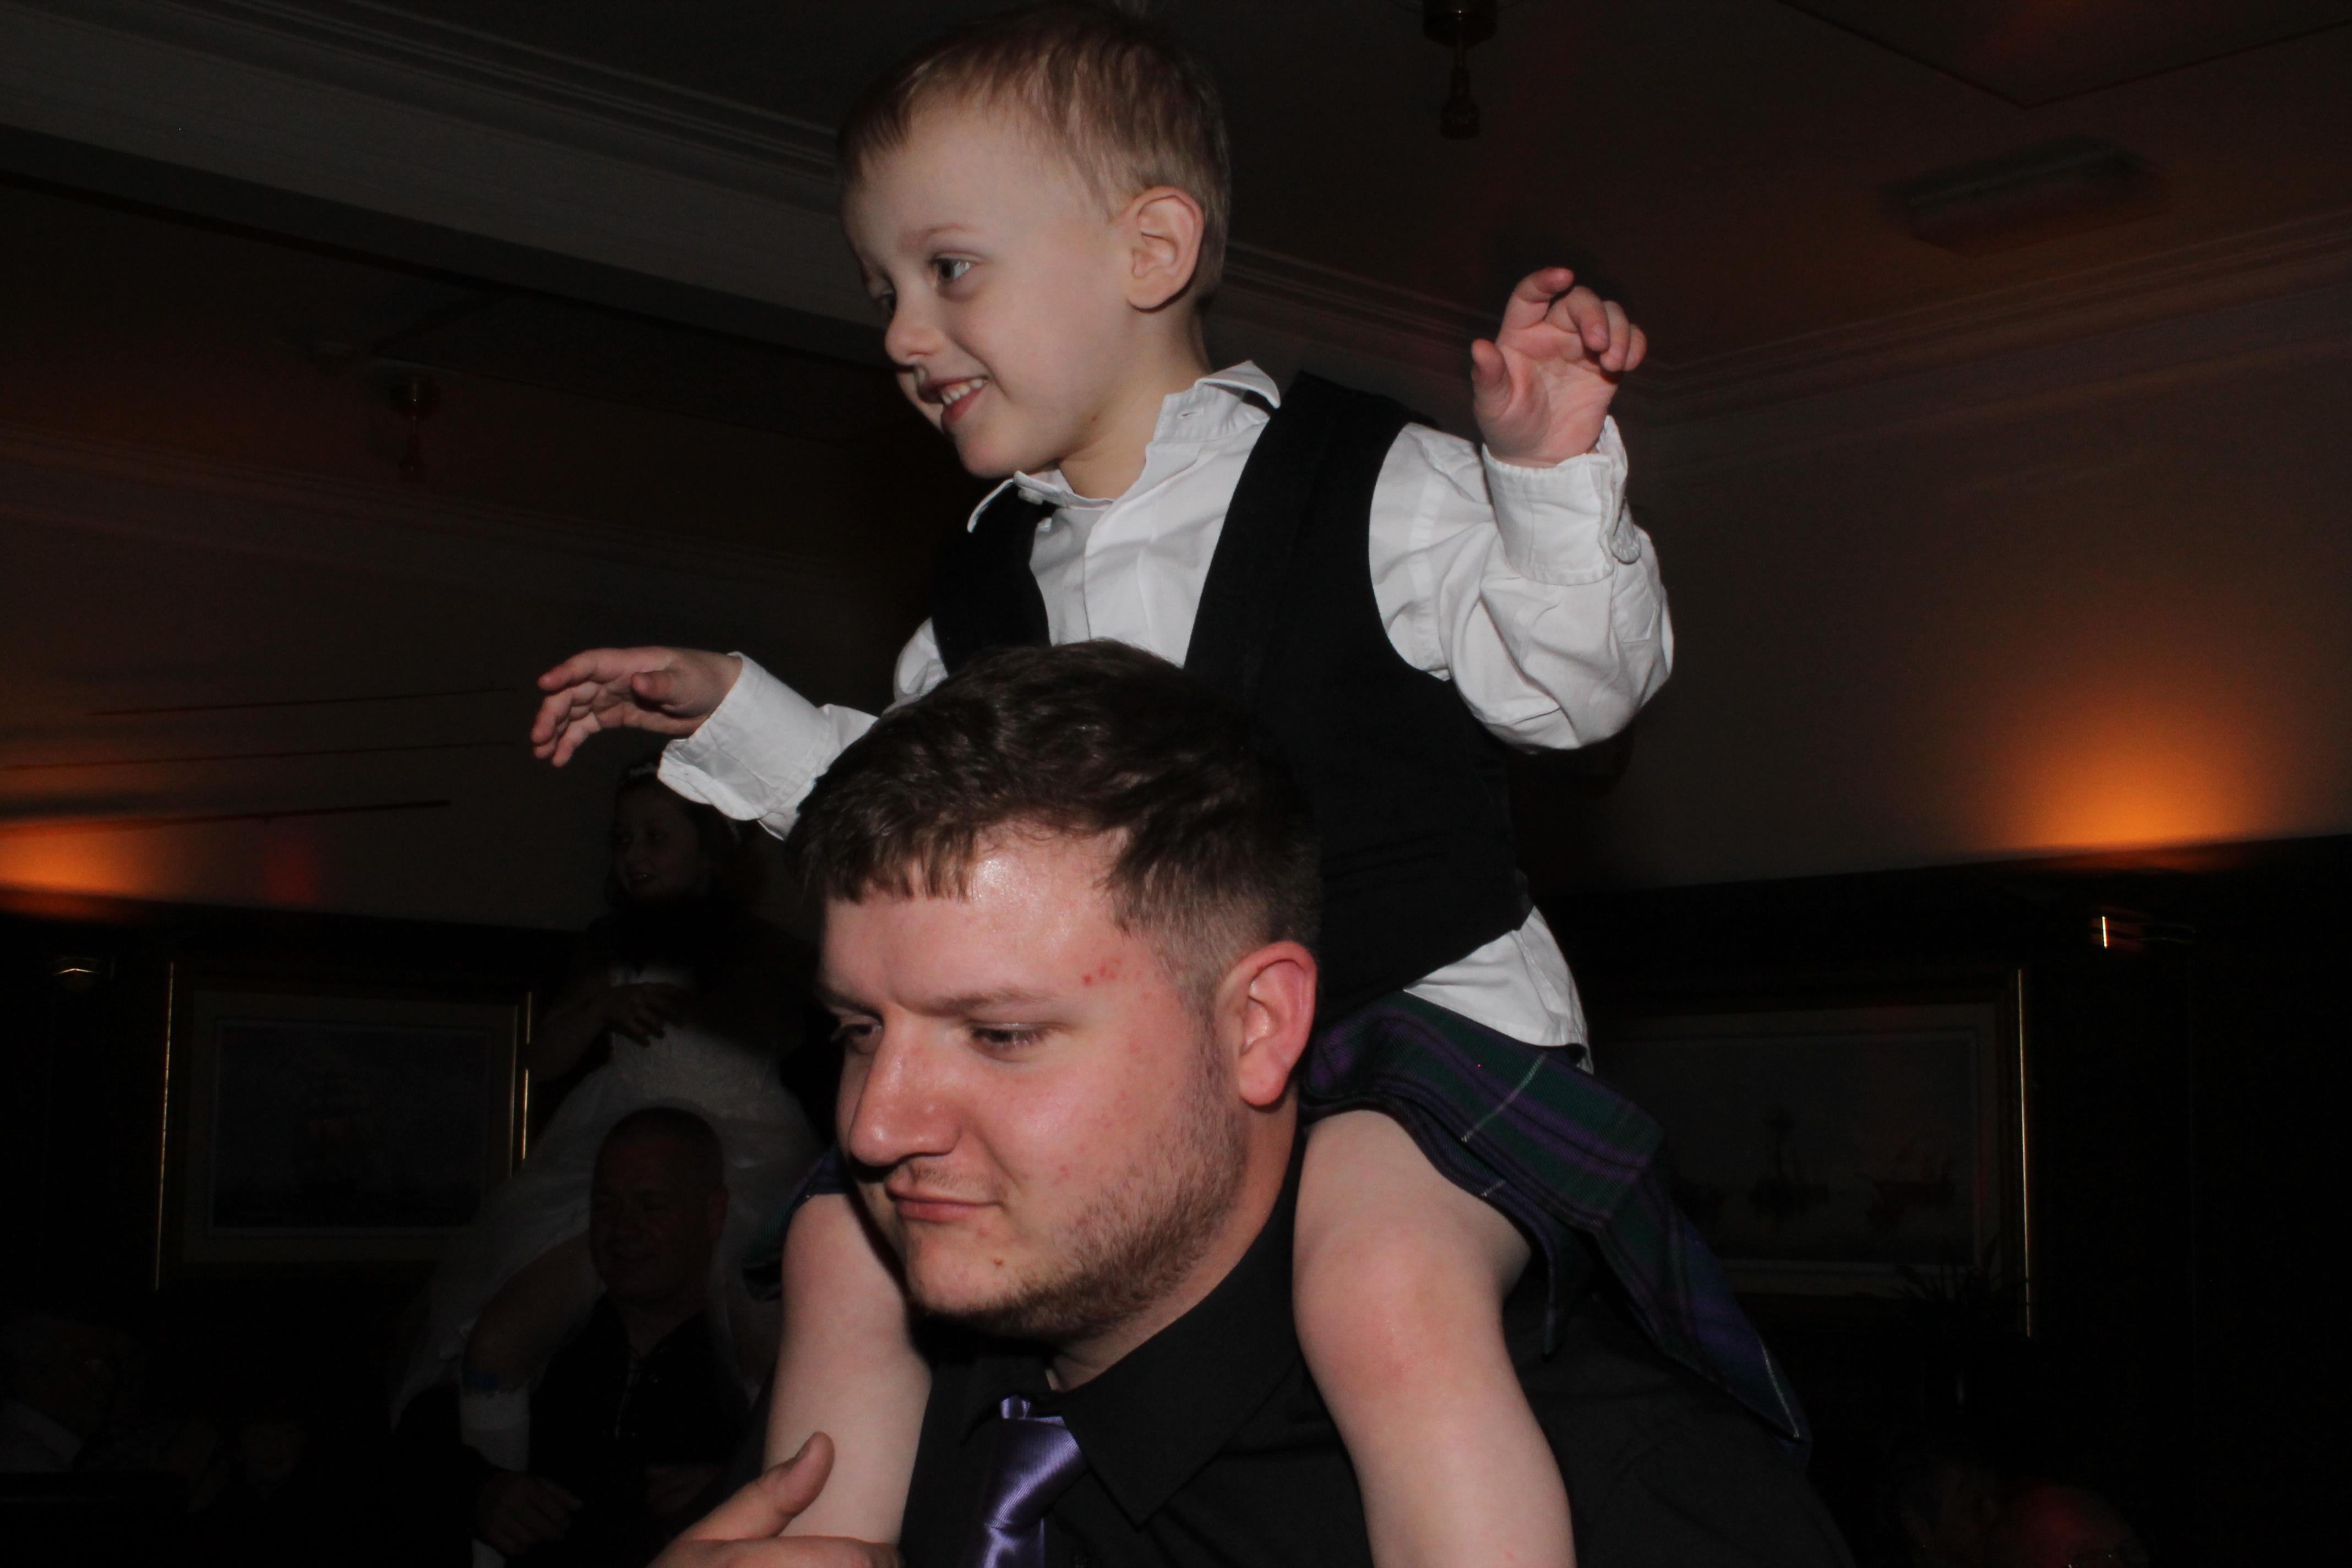 Loch Lomond wedding DJ